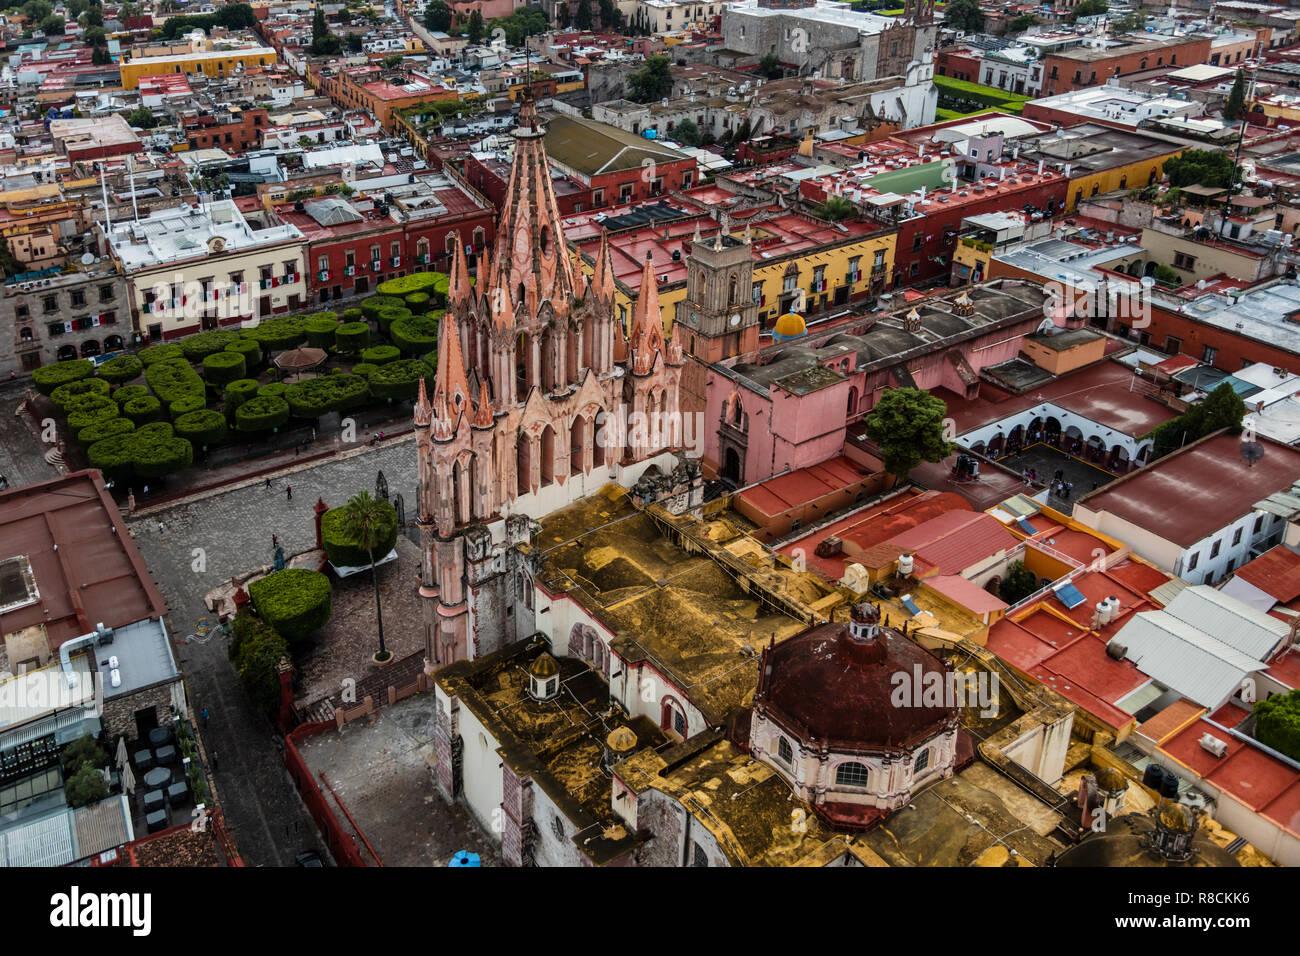 The PARROQUIA DE SAN MGIUEL ARCANGEL as seen from an early morning HOT AIR BALLOON ride - SAN MIGUEL DE ALLENDE, MEXICO Stock Photo